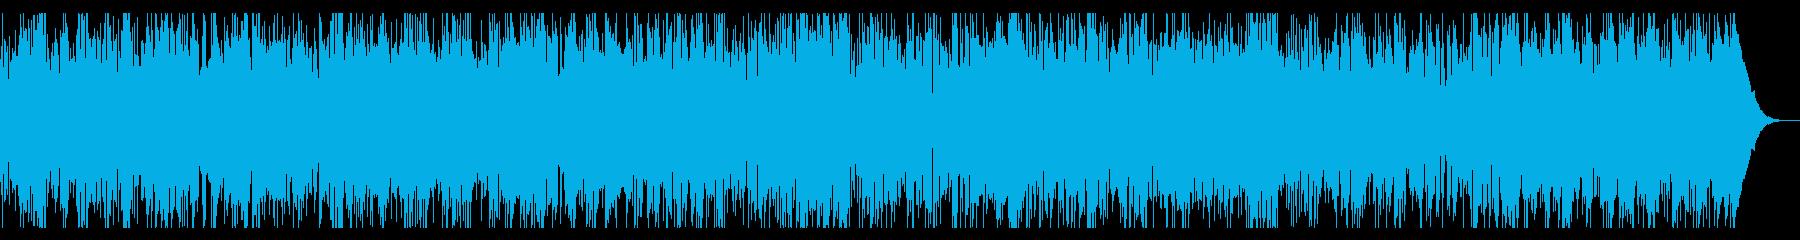 バイオリン中心のヨーロピアンケルト音楽の再生済みの波形